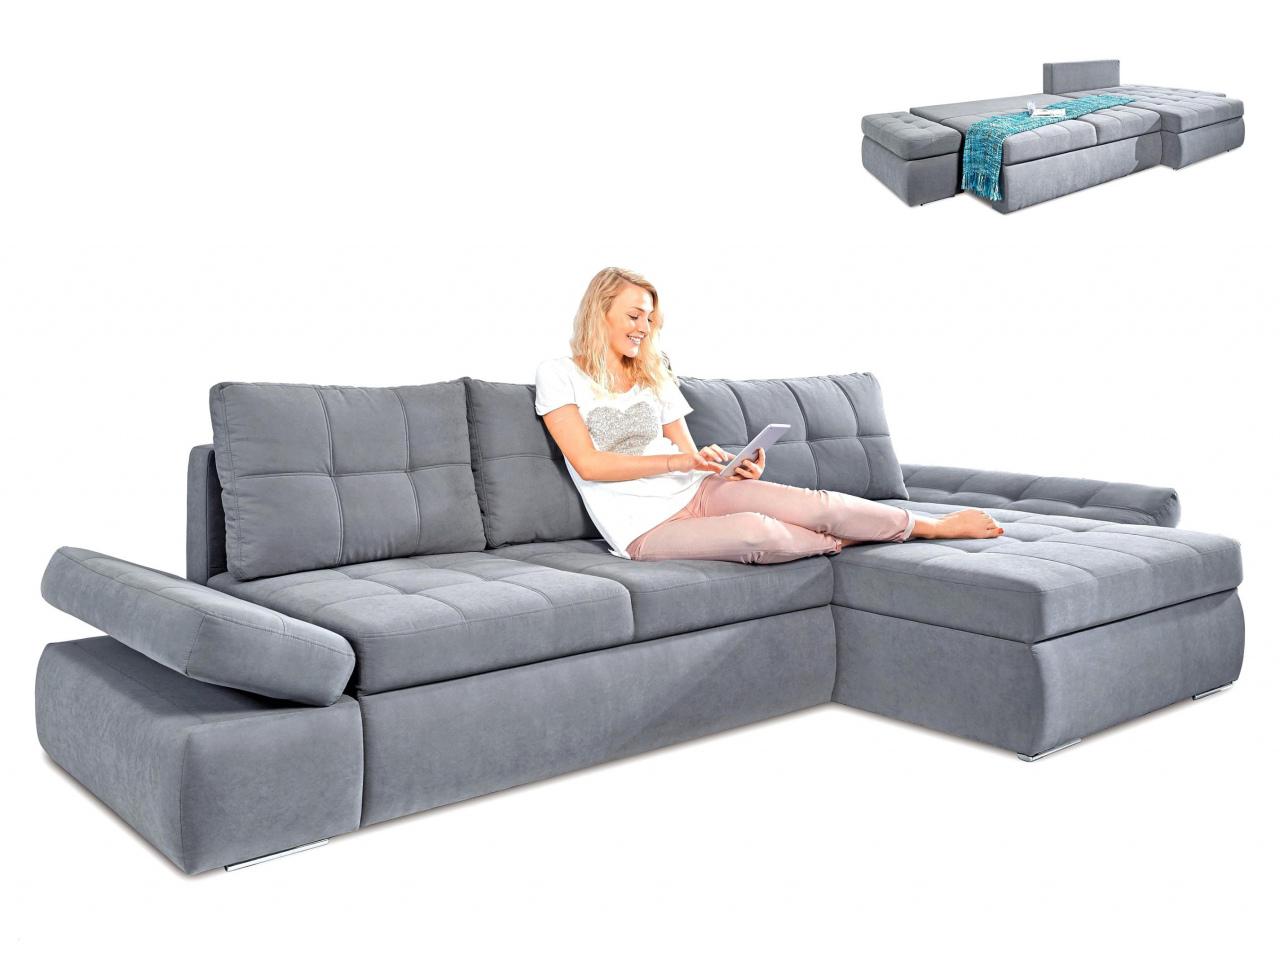 Full Size of Sofa Jugendzimmer Couch Bed Procura Home Blog Minotti Himolla Leder Ikea Mit Schlaffunktion Inhofer Federkern Dauerschläfer Graues Chesterfield Grau Groß Sofa Sofa Jugendzimmer